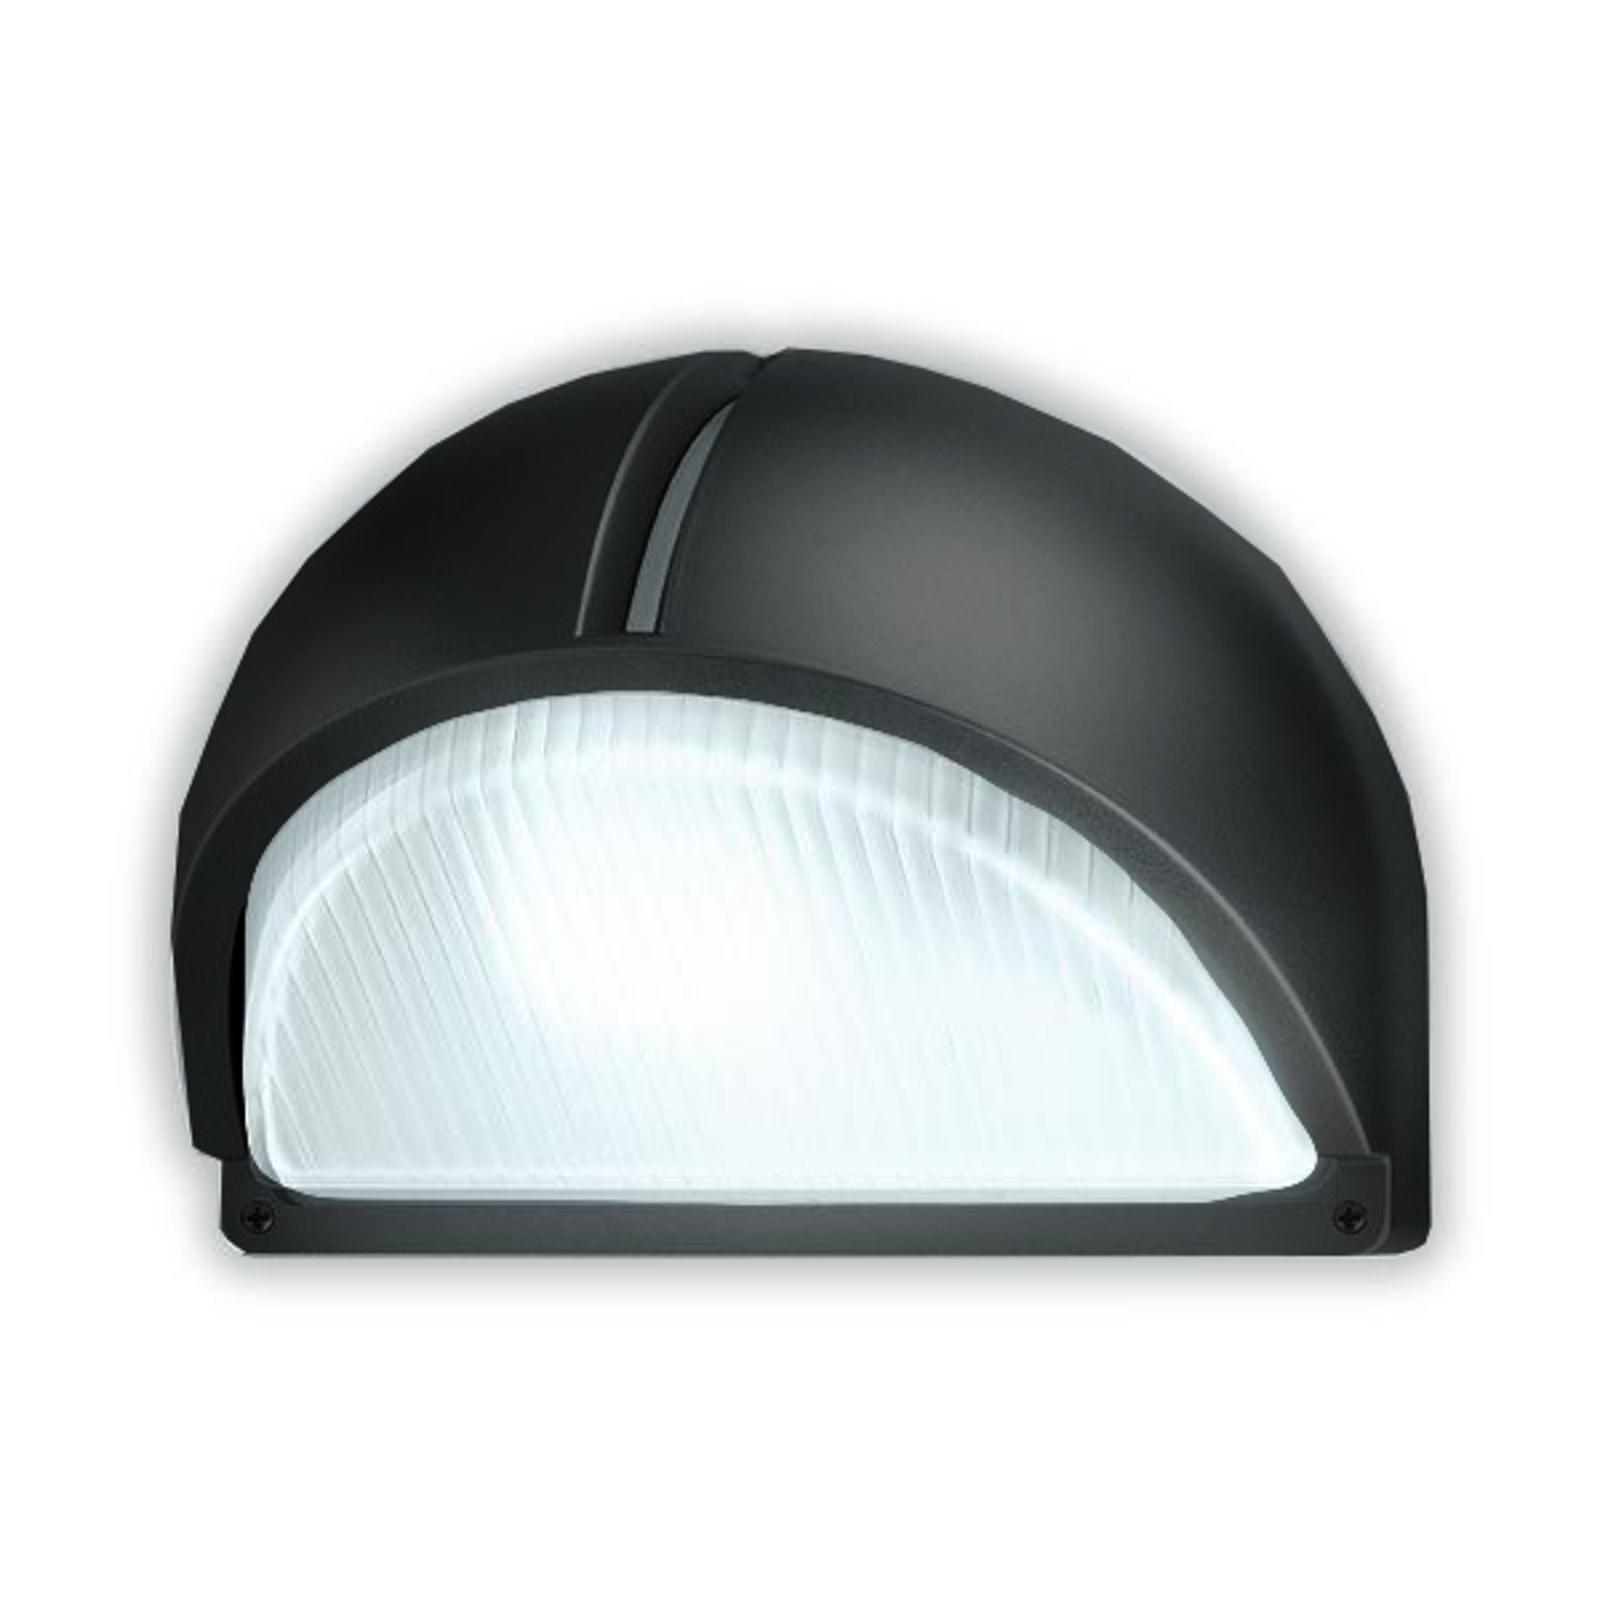 Buitenwandlamp POLO 2, zwart